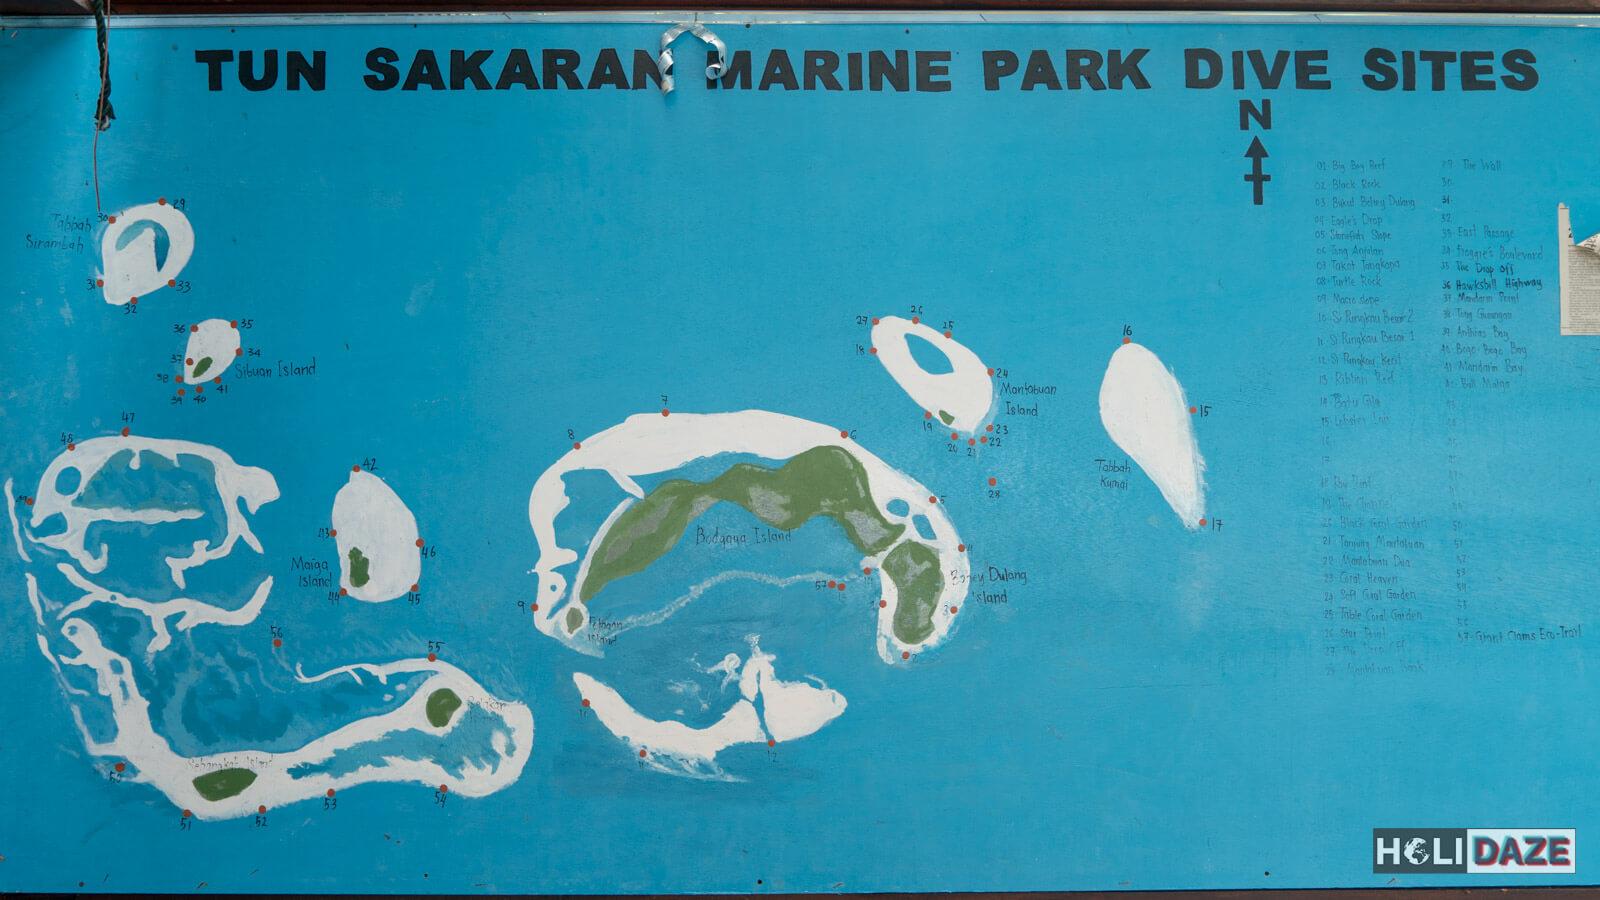 Map of scuba diving spots in Tun Sakaran Marine Park off the coast of Semporna, Sabah, Malaysia